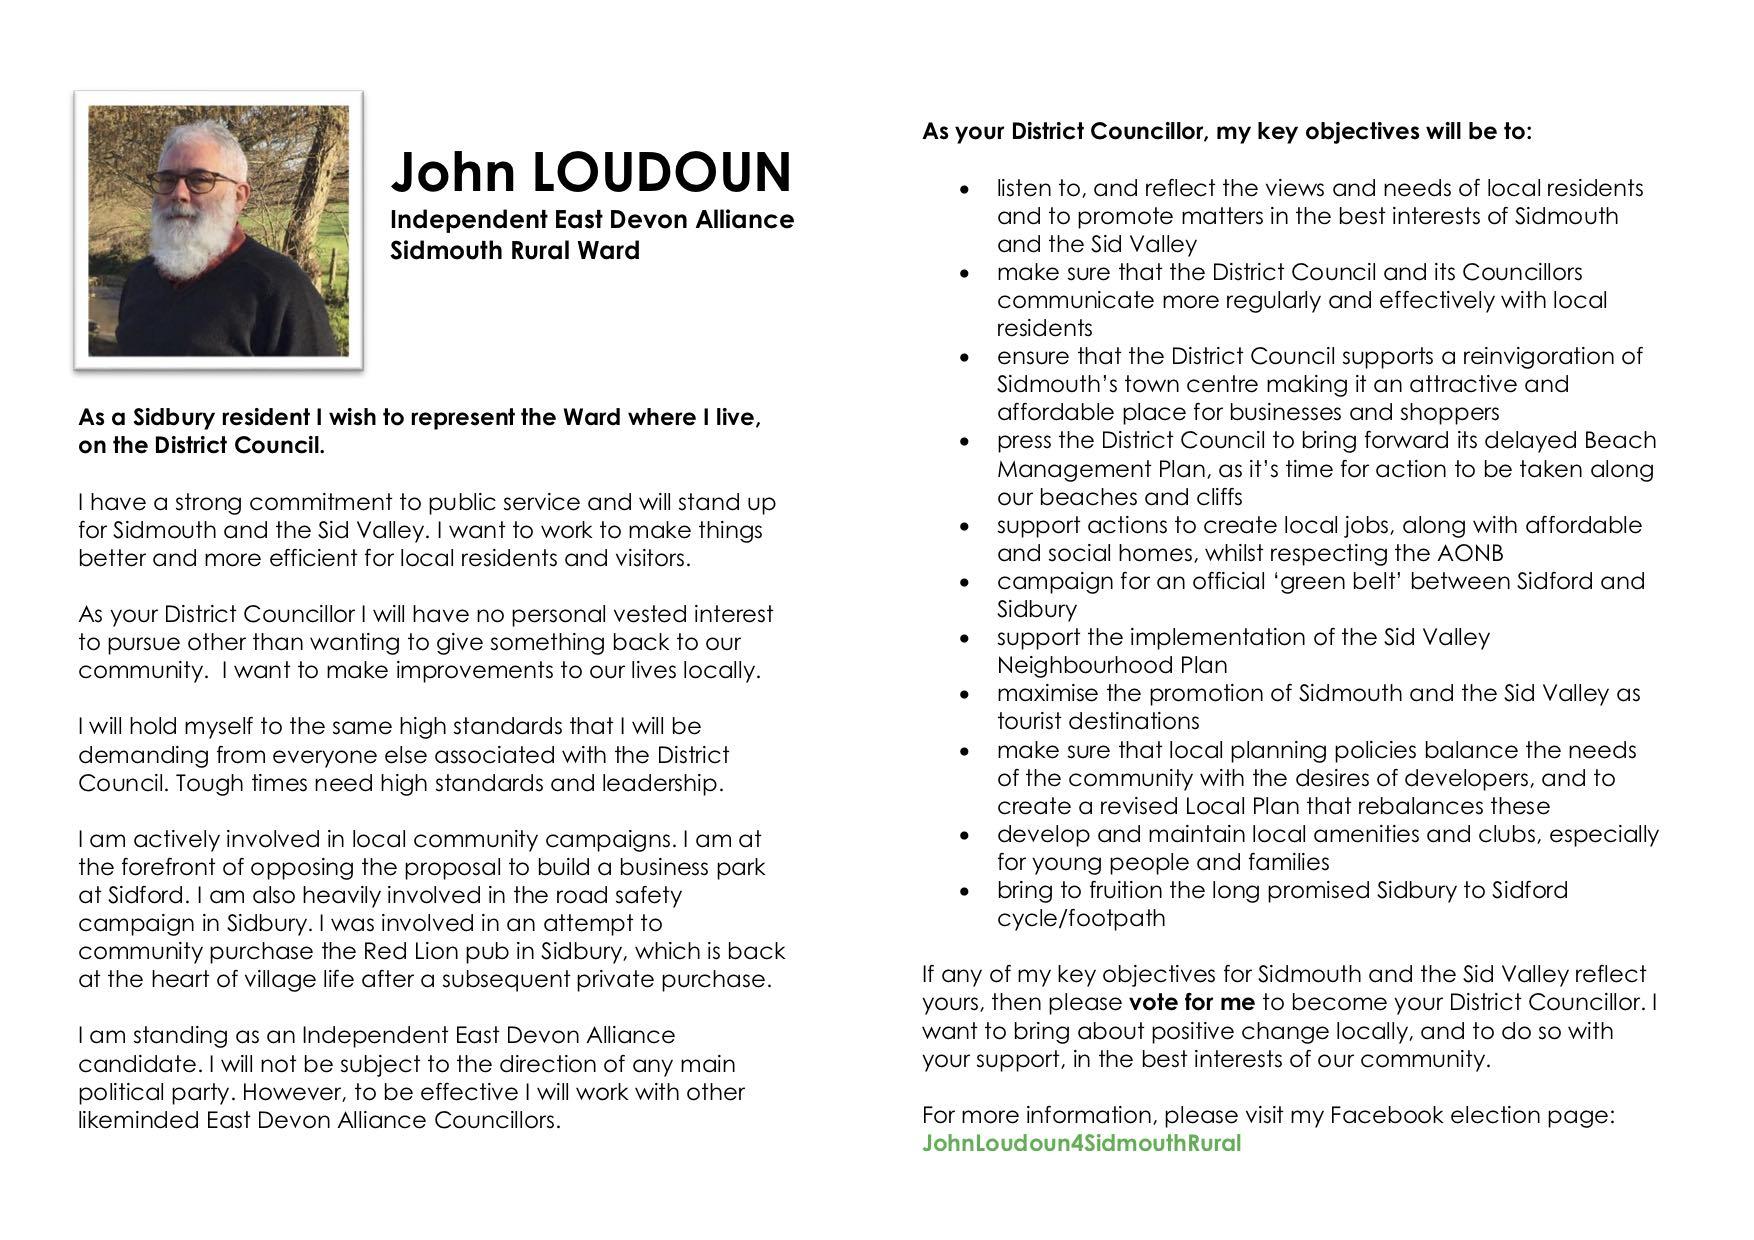 John Loudoun East Devon Alliance campaign leaflet